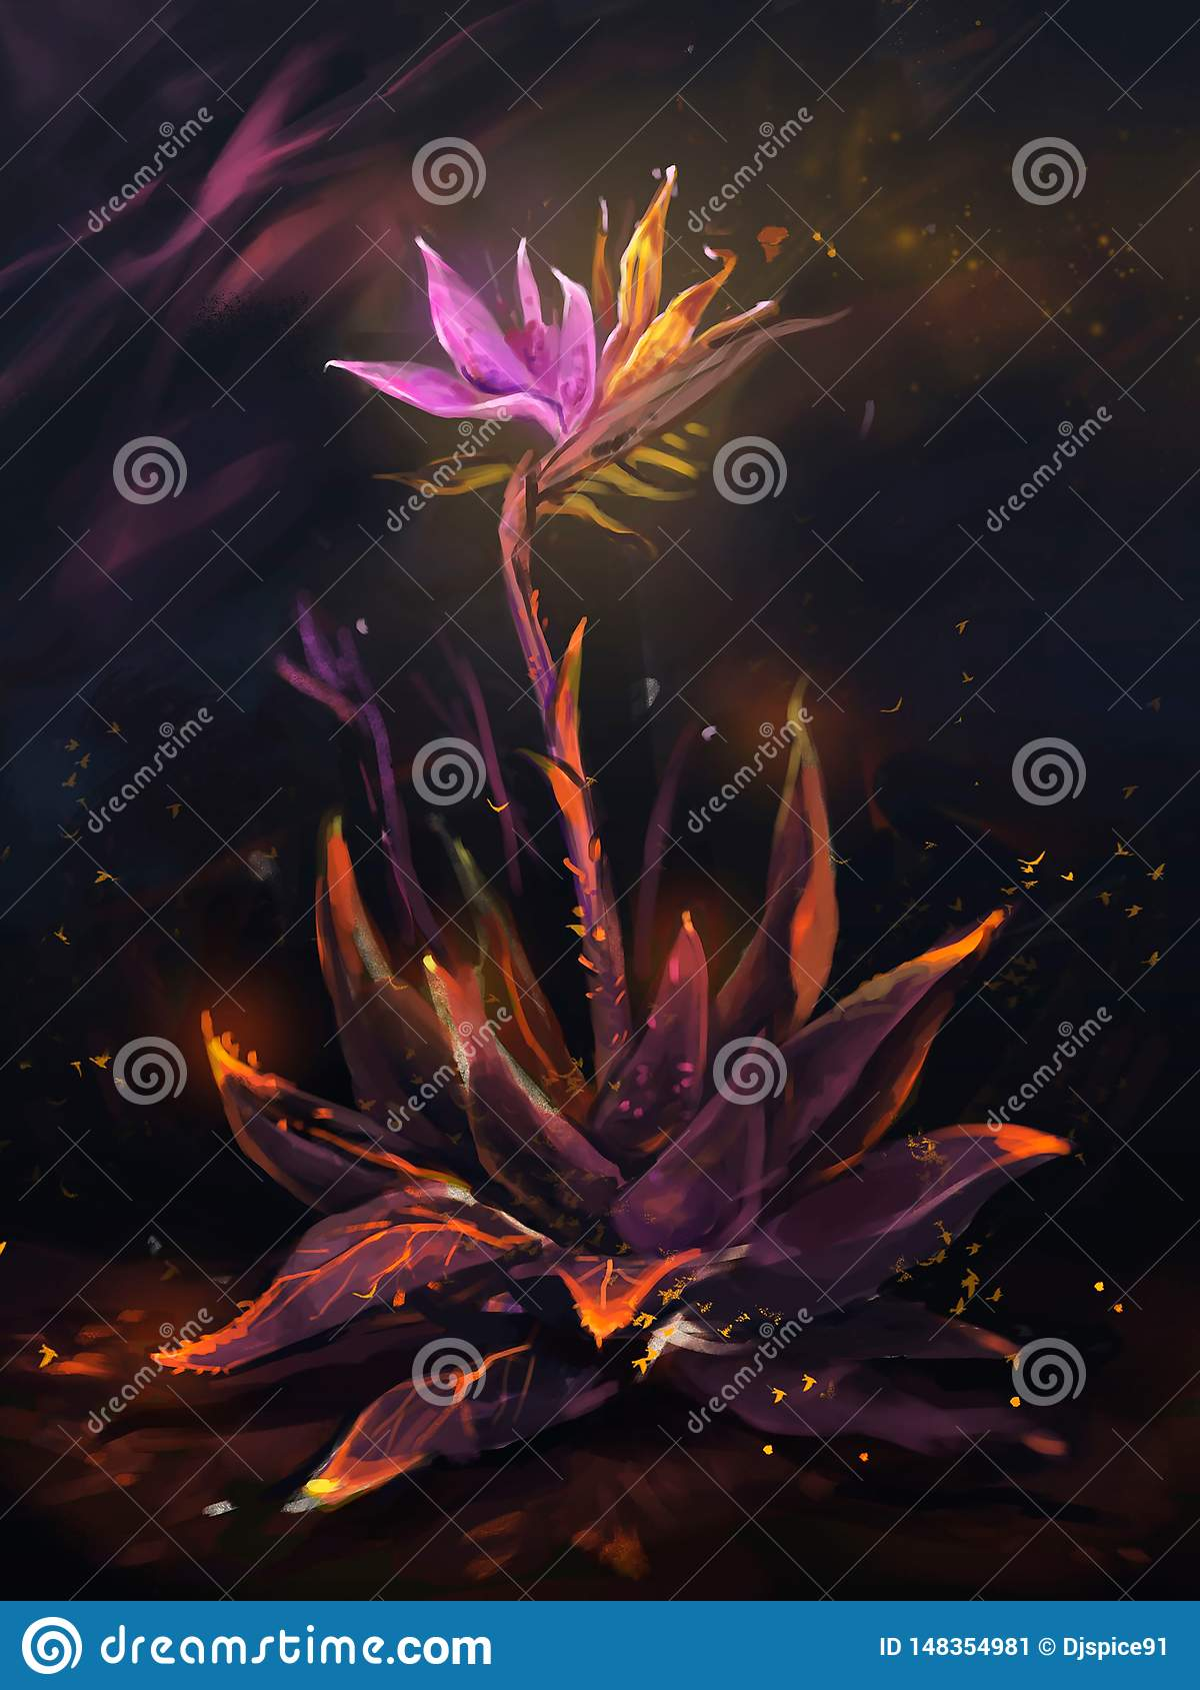 Illustratie van fee gloeiende bloem